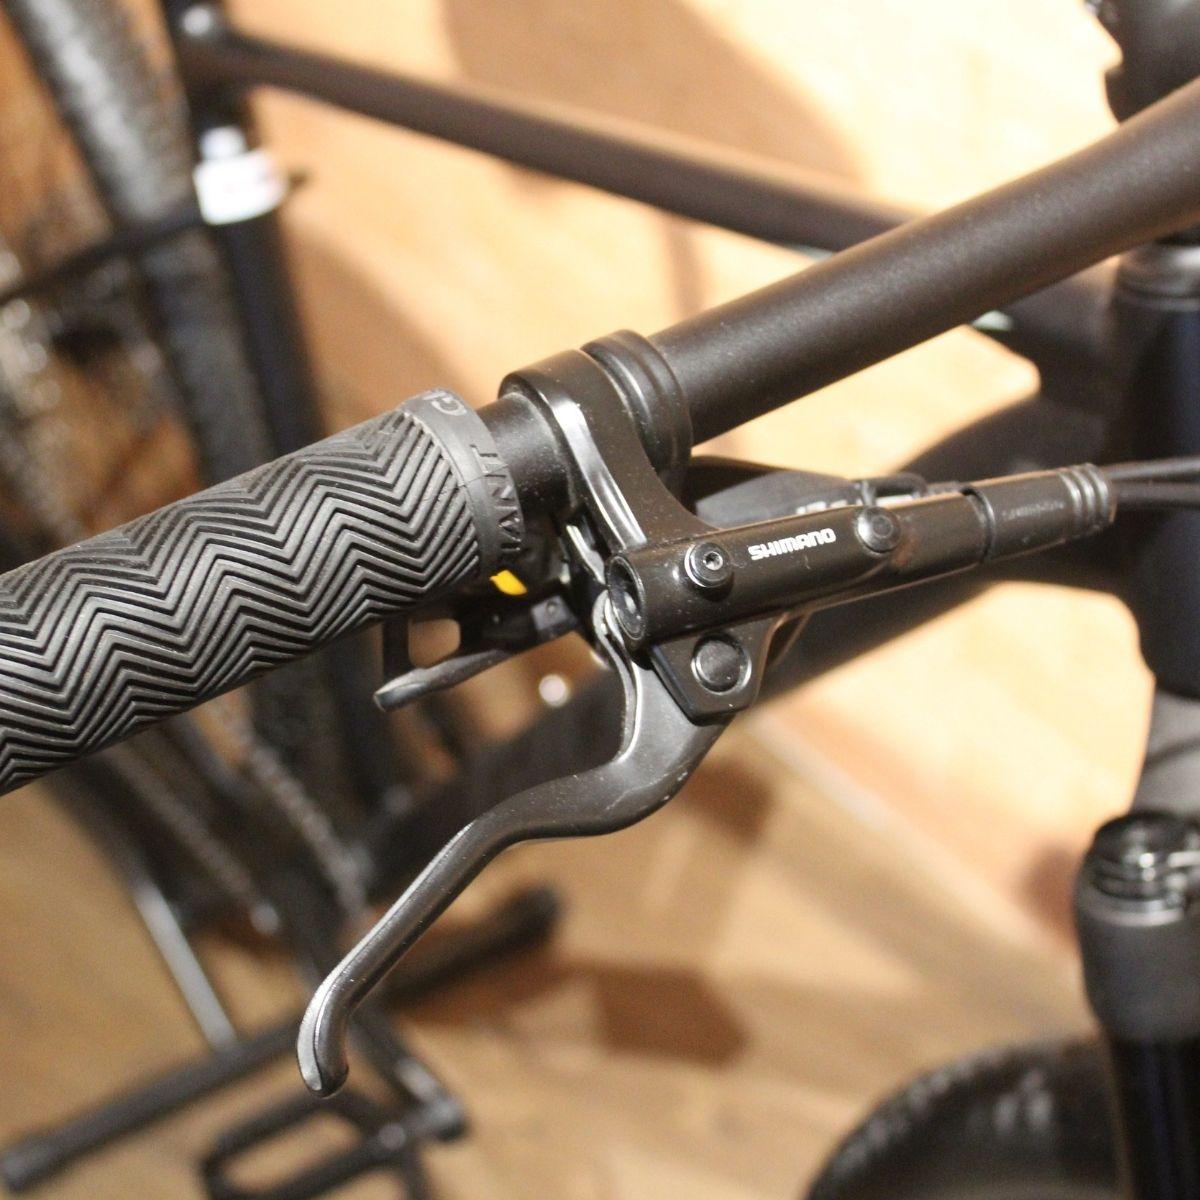 BICICLETA GIANT XTC SLR 2 2021 - ARO 29